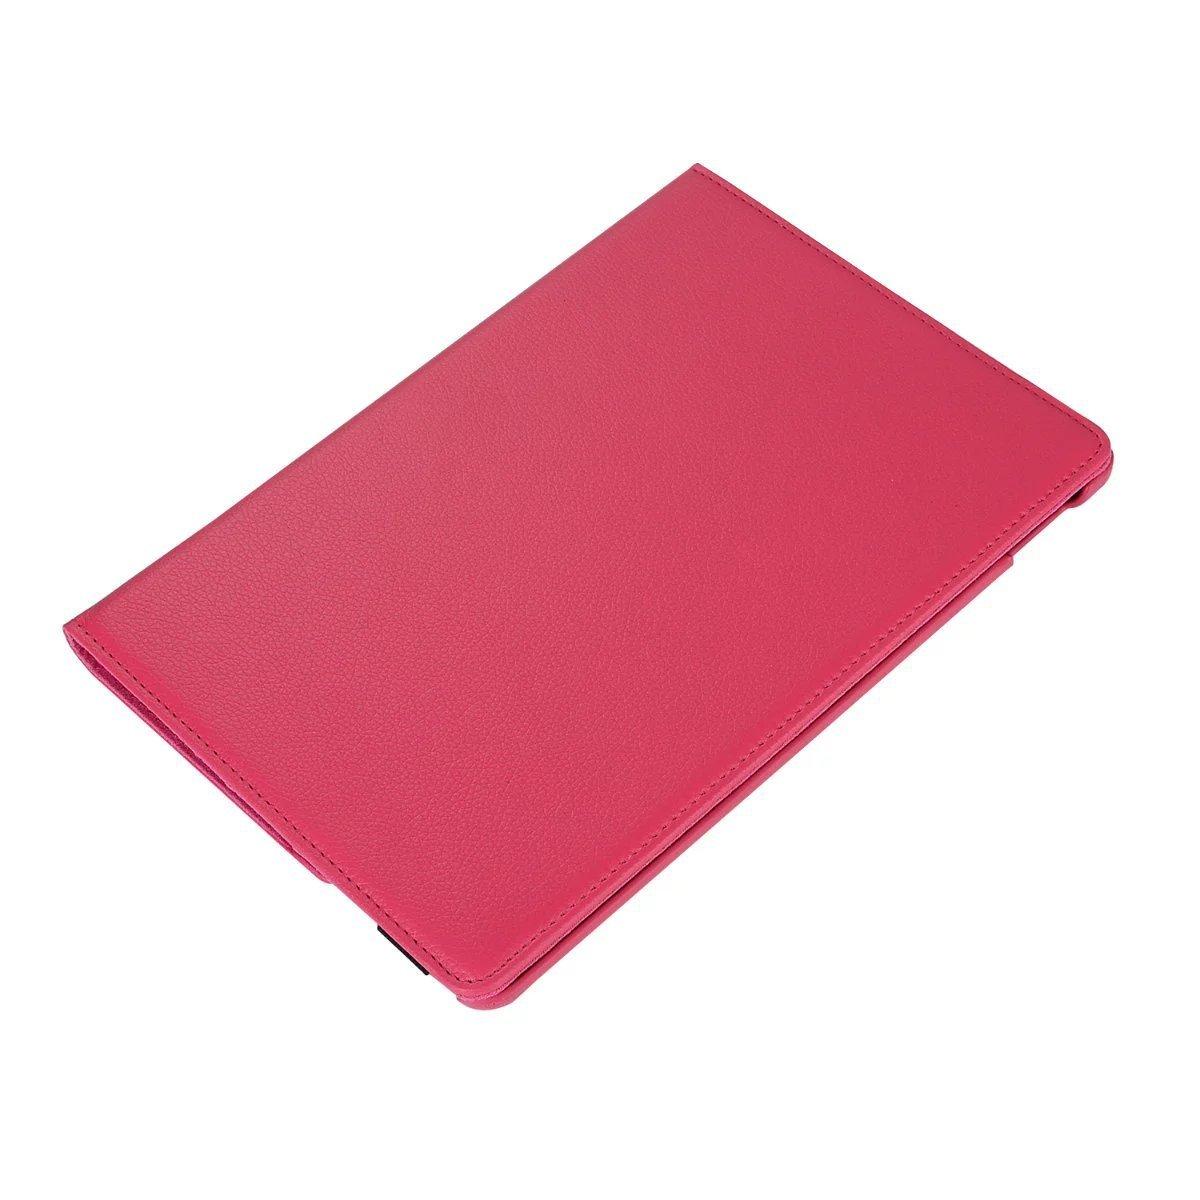 iPad mini4 2019年型 ケース (ピンク色) mini5 合革レザー mini4 360回転 スタンドケース 耐衝撃多角度 シンプル アイパッド保護カバー_画像5